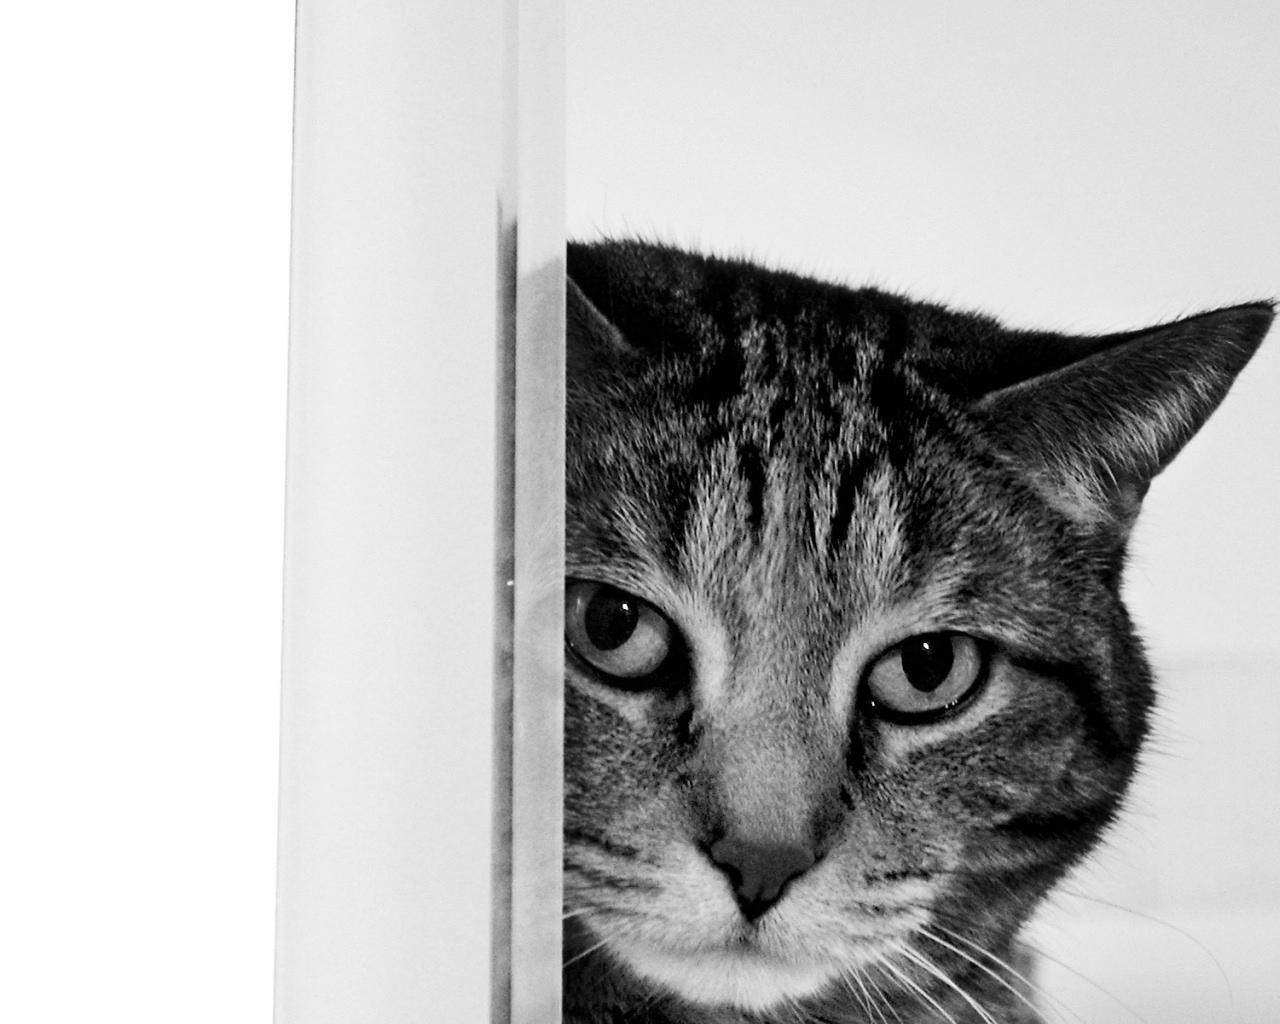 Cat Wallpaper For Home Wallpapersafari